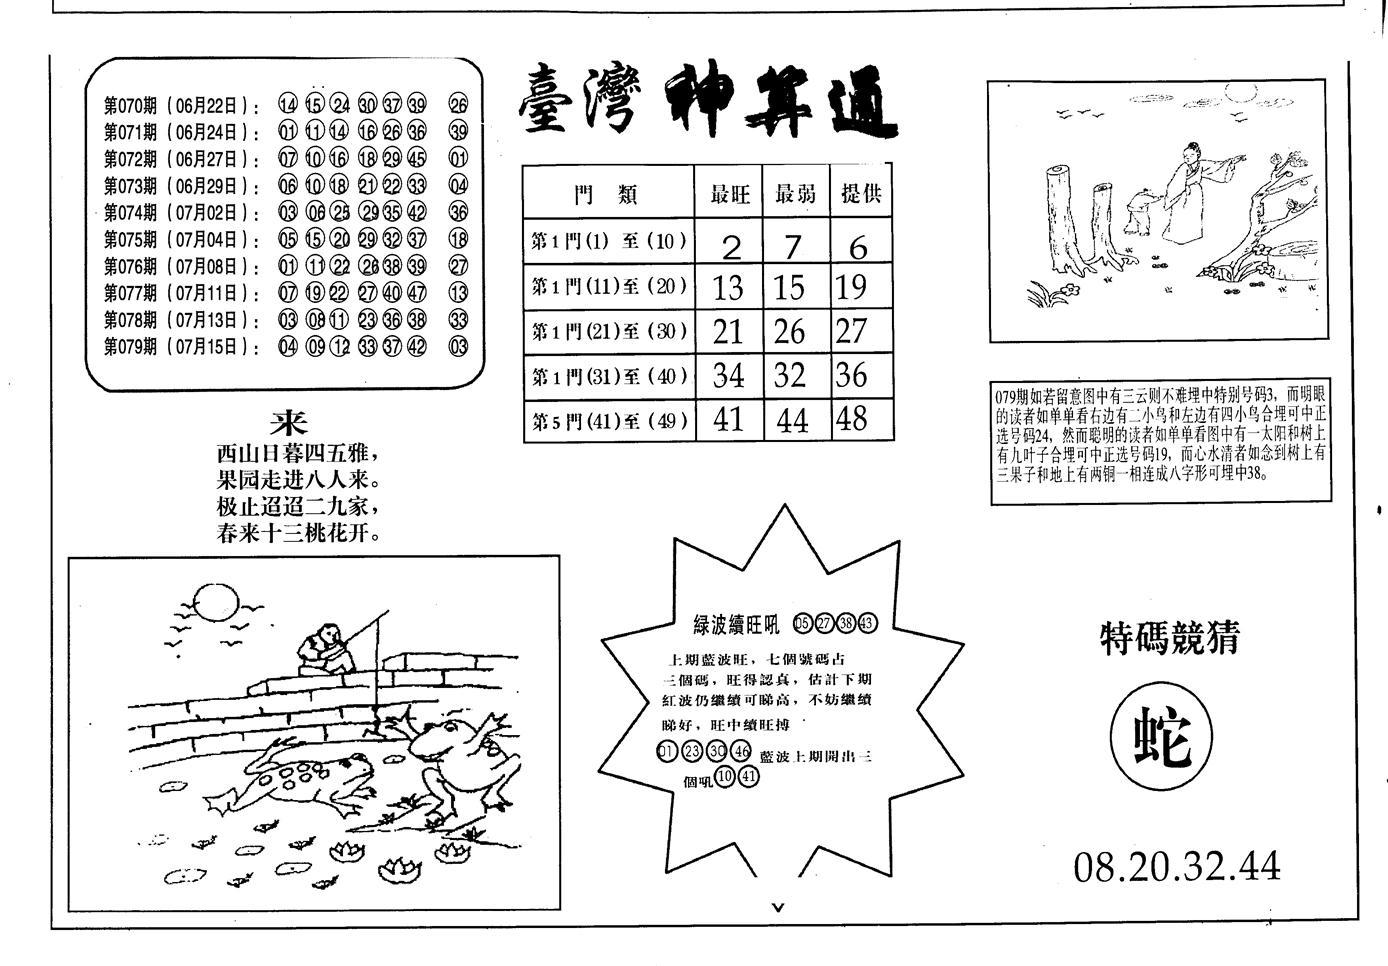 080期老潮汕台湾神算(黑白)